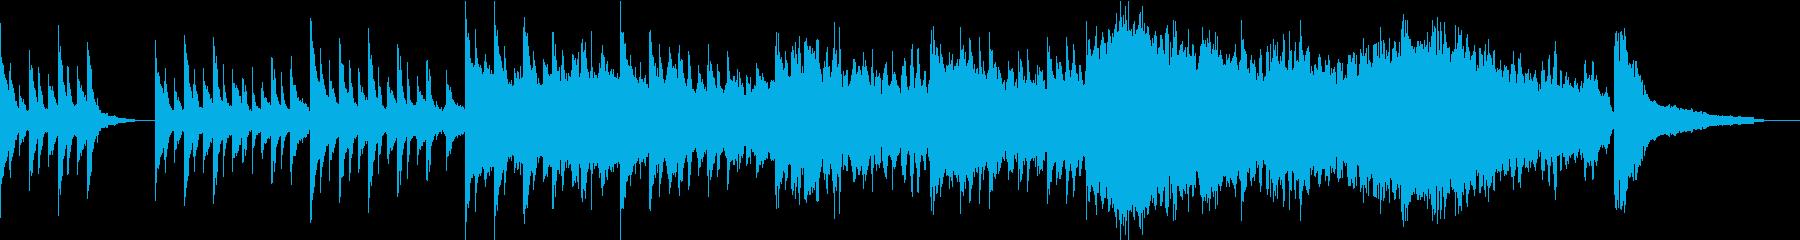 感動・透明感の映像 CMなどに/ピアノの再生済みの波形